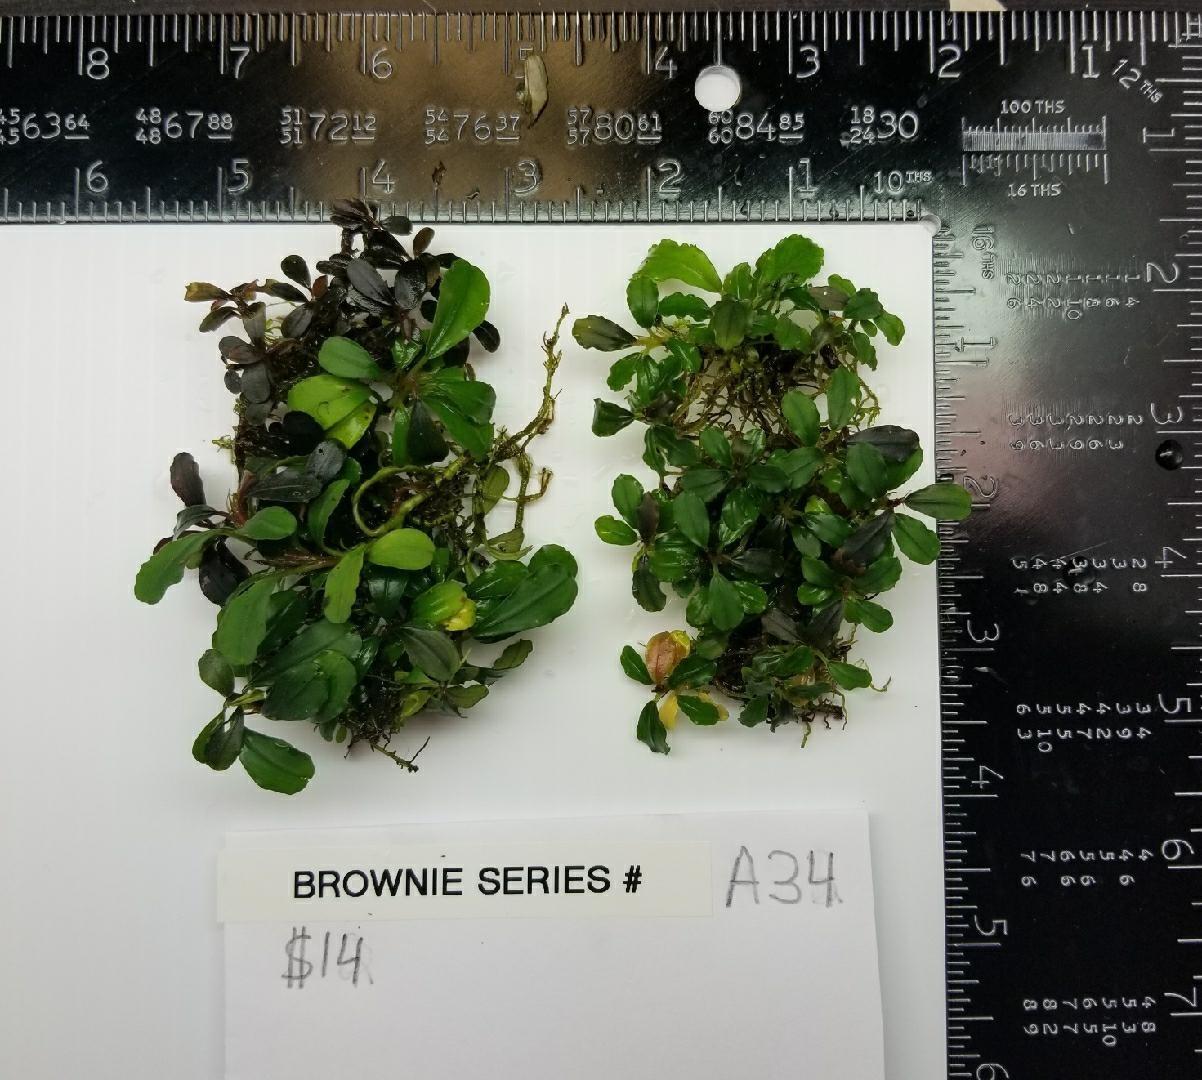 Buce Brownie Series